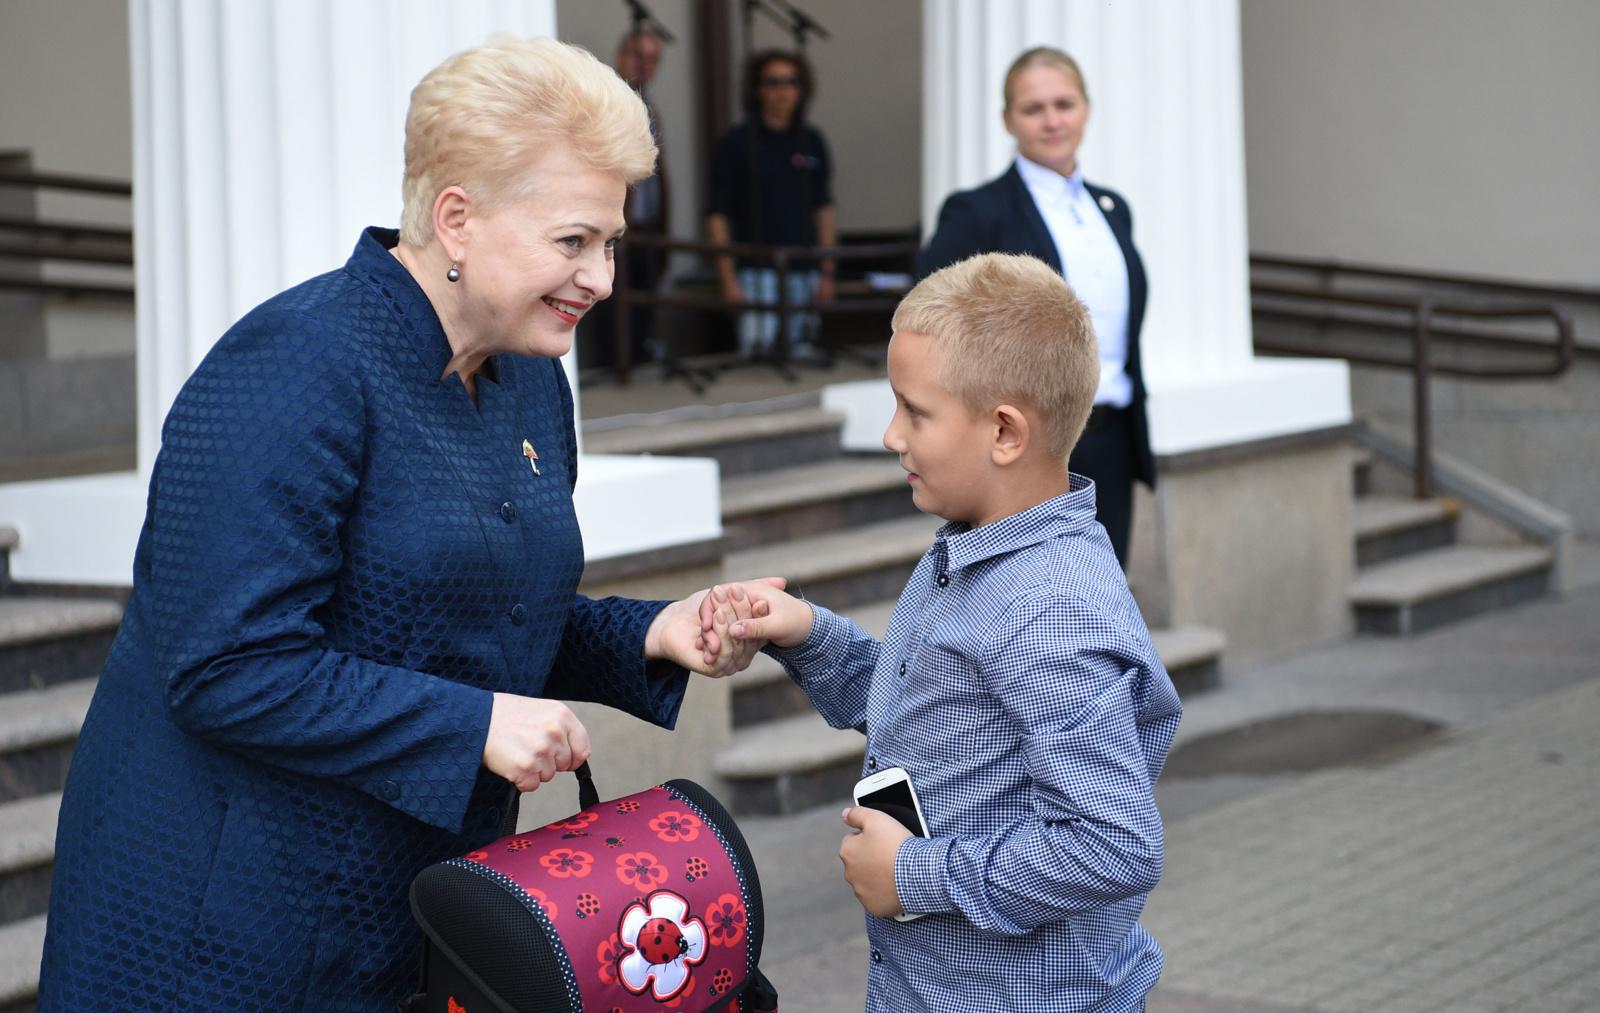 Keli pirmokėliai į mokyklą keliaus su prezidentės dovanotomis kuprinėmis